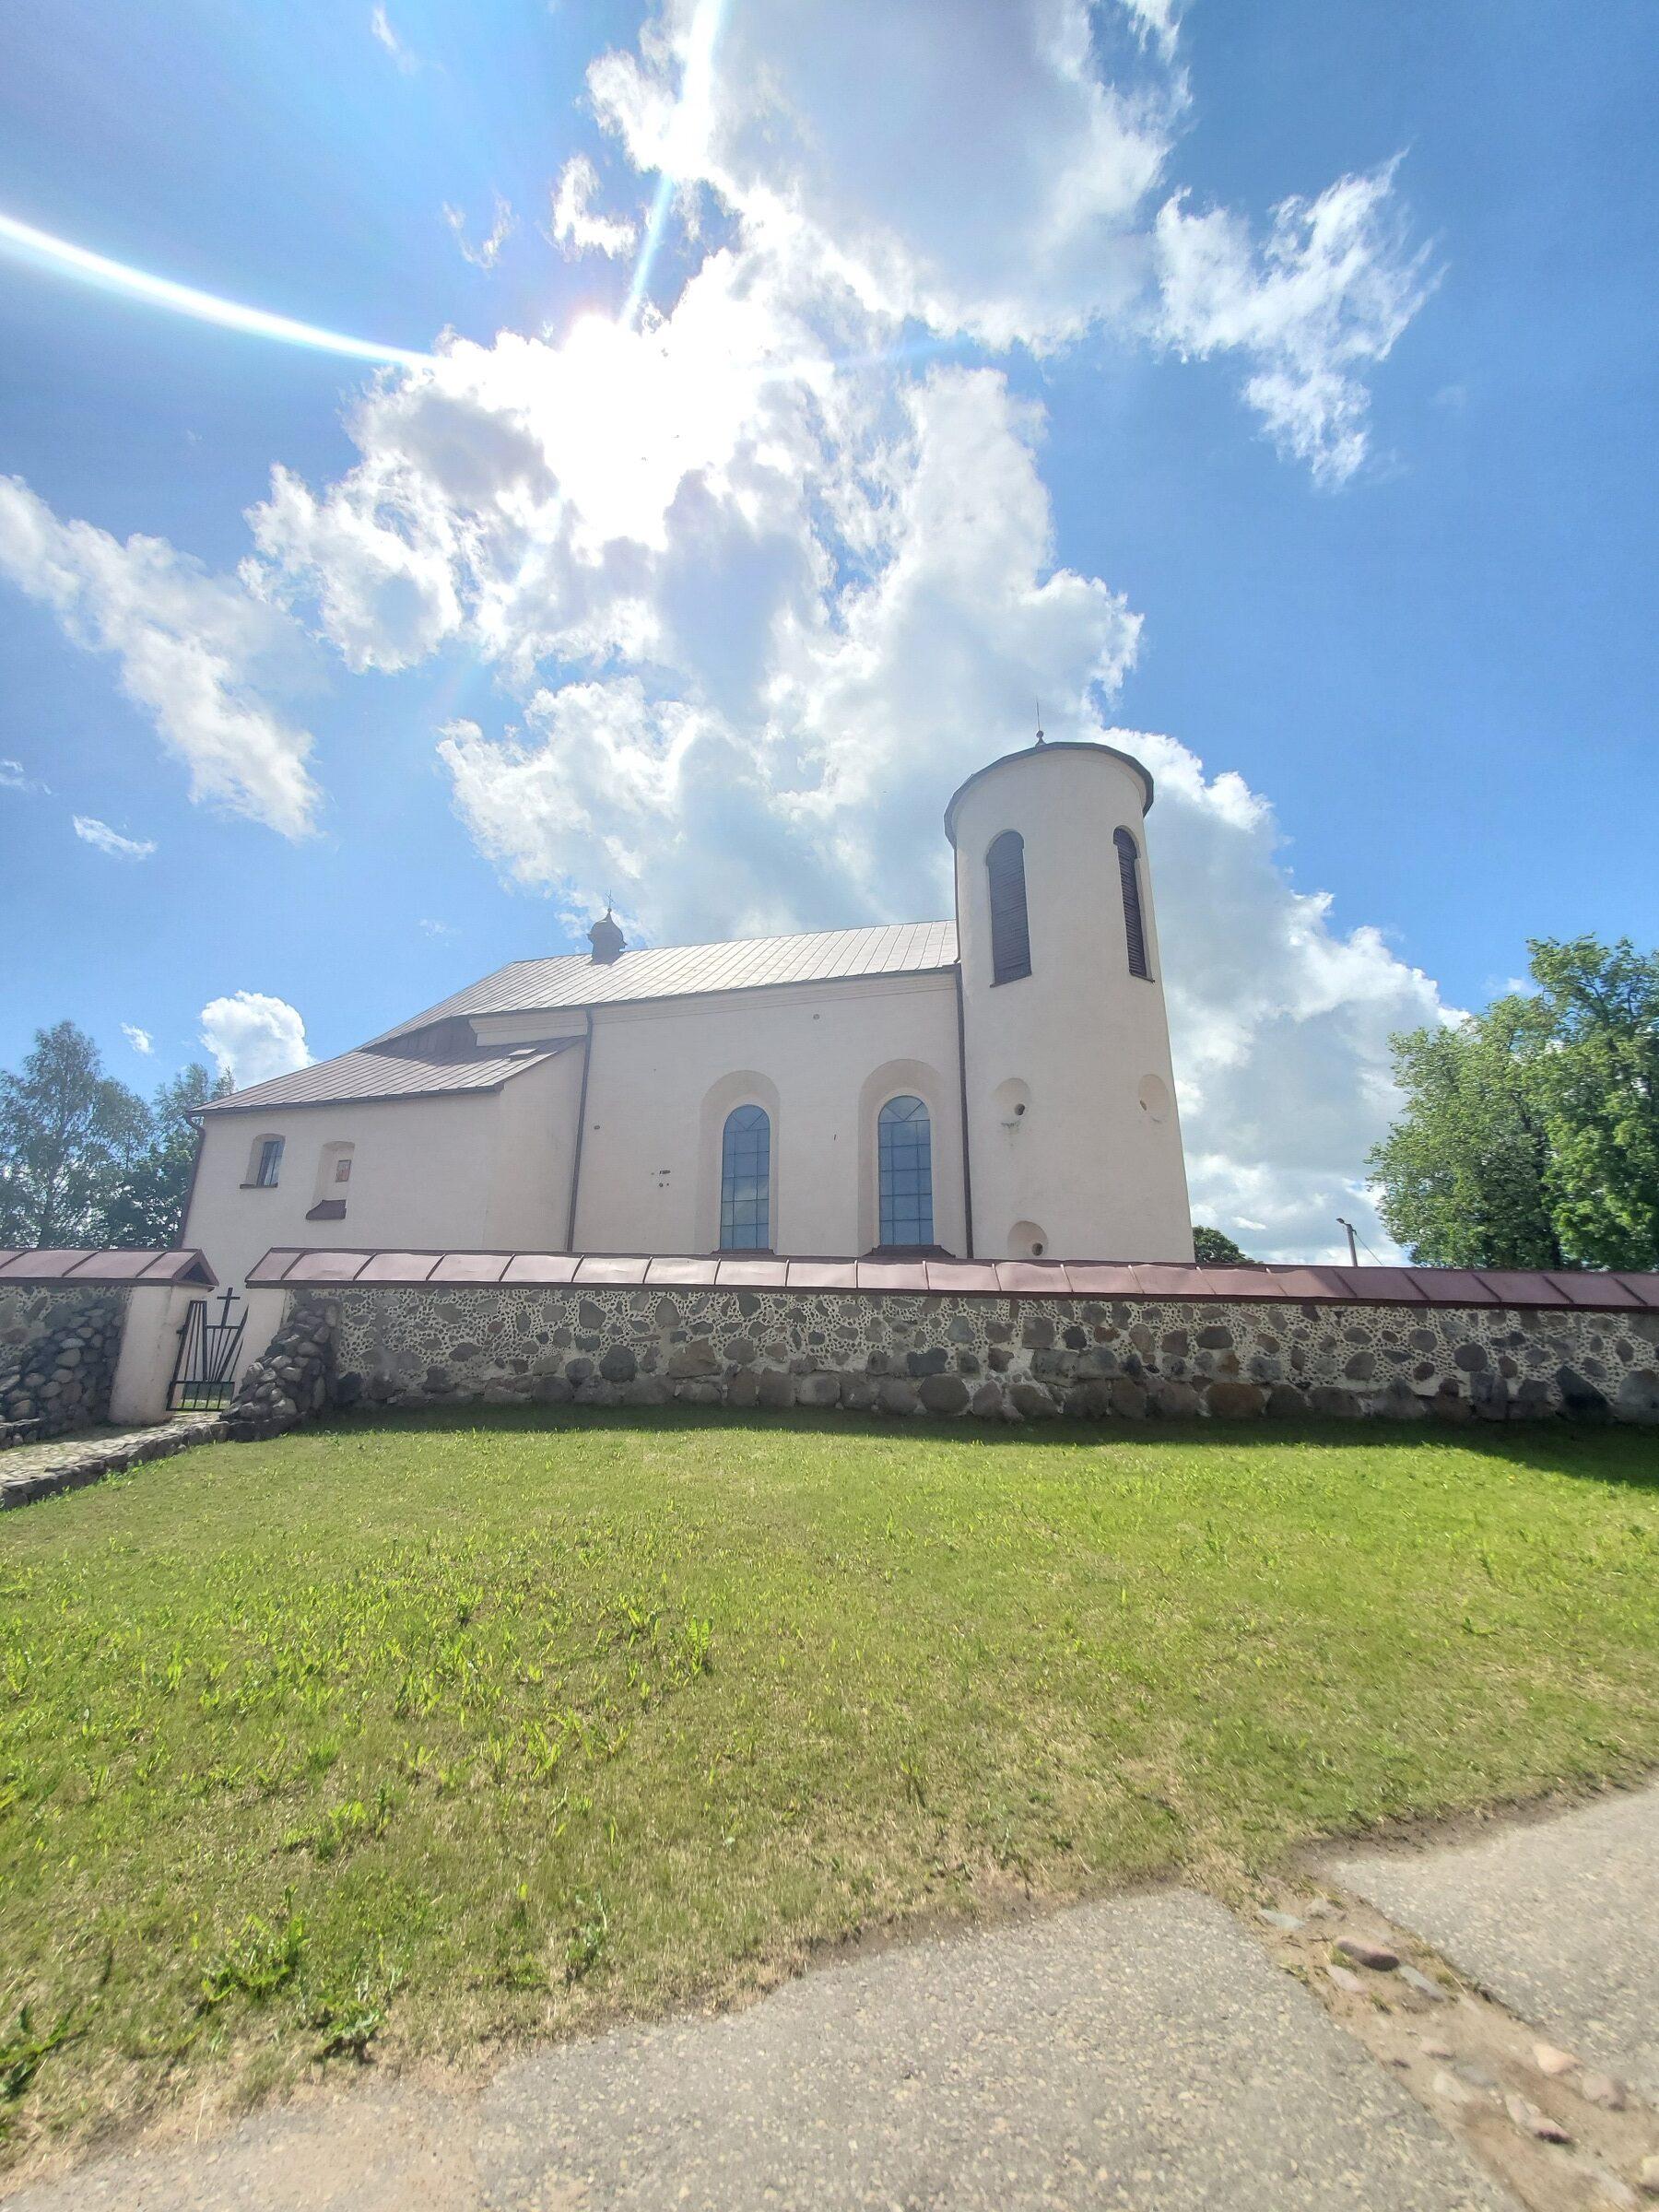 20200606 115726 rotated - Костел Св. Иоанна Крестителя в агрогородке Камаи